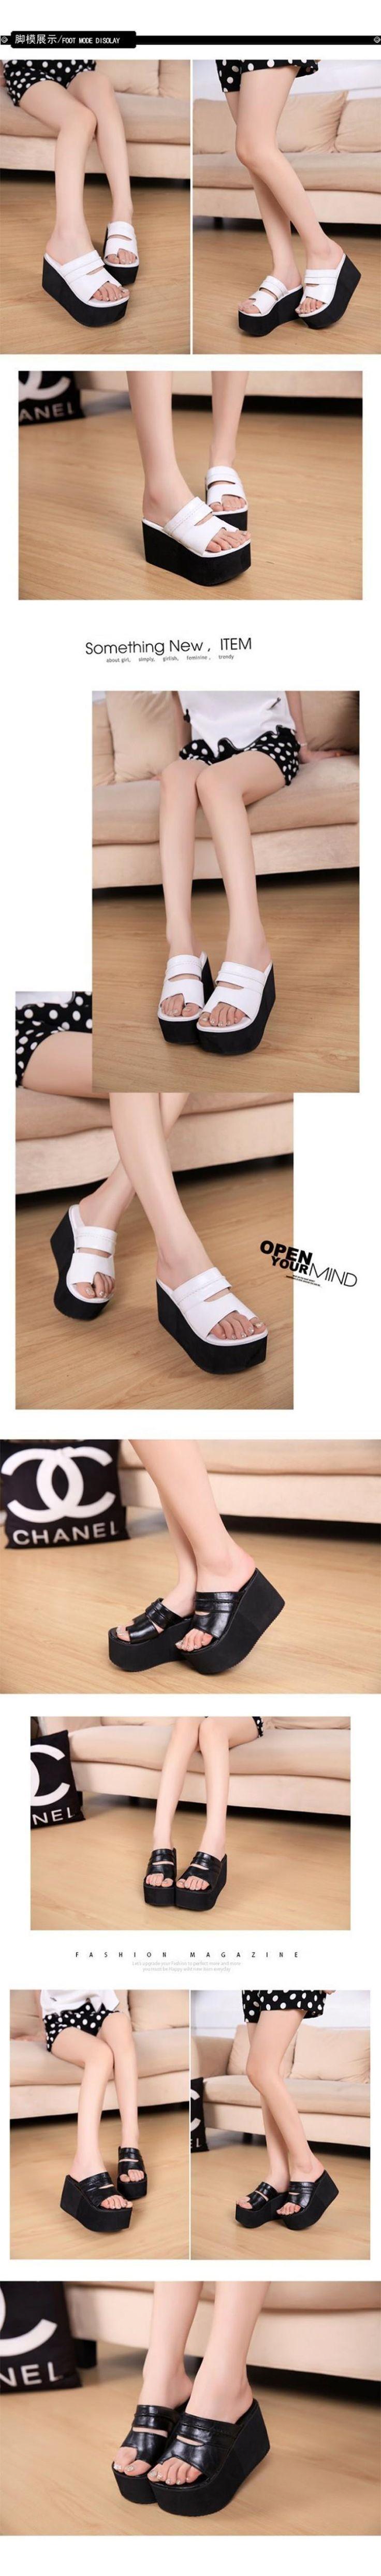 Summer new arrival 2016 flip flops platform wedges sandals women foot ping beach slippers womens shoes sandals